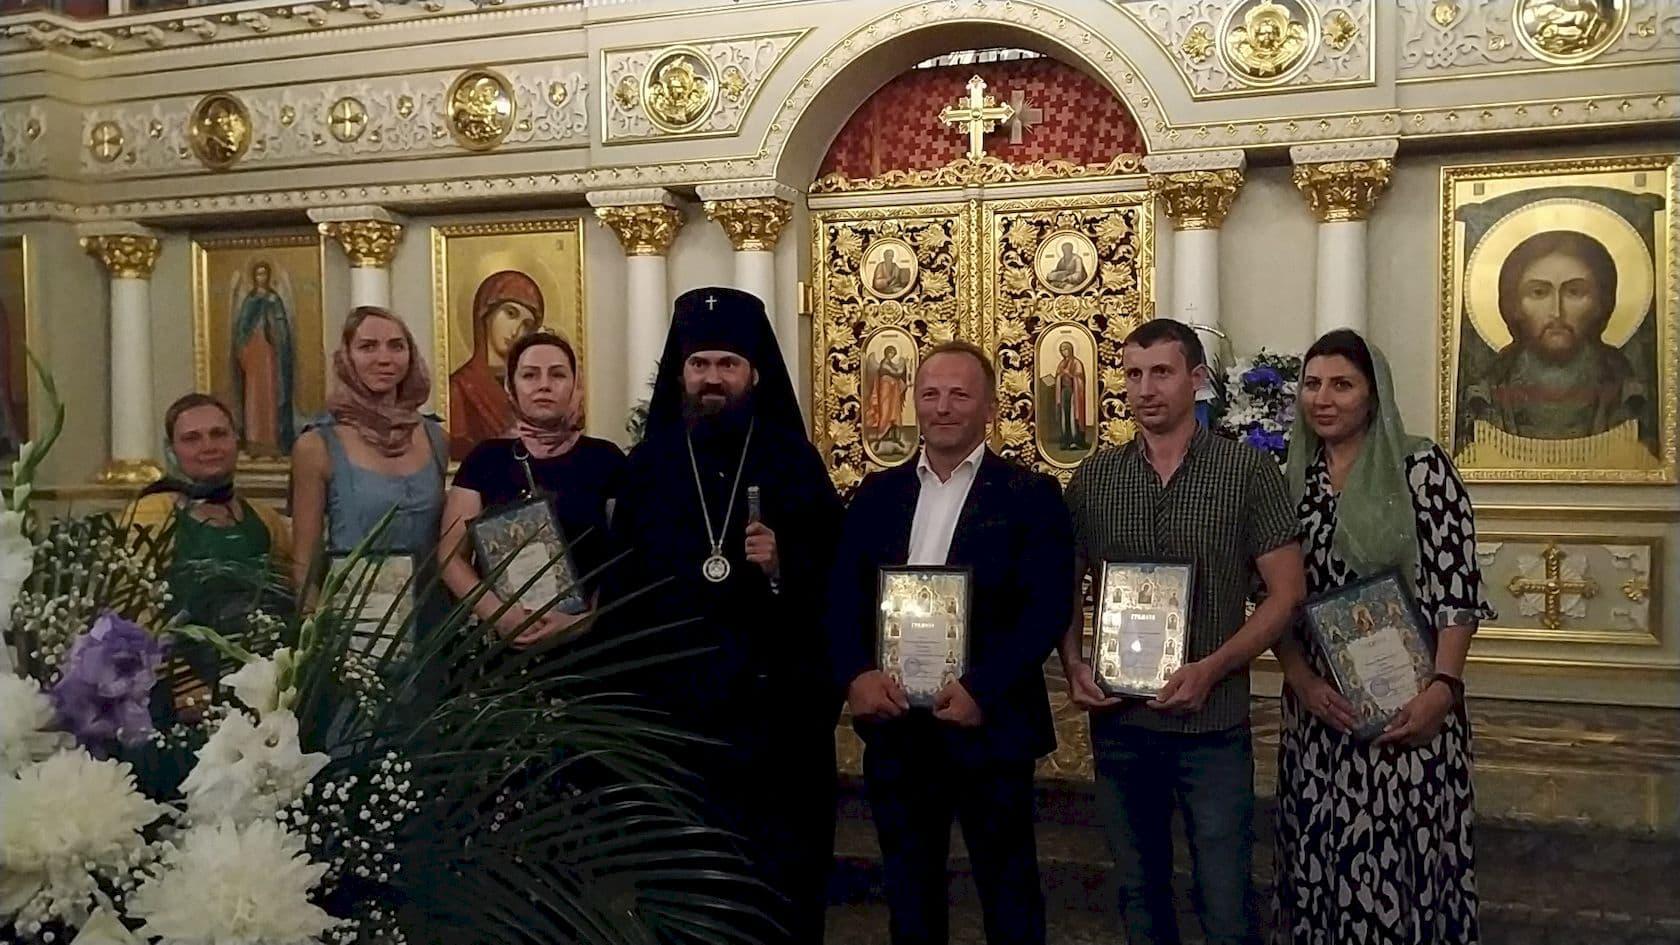 Феофилакт, архиепископ Пятигорский и Черкесский и команда иконописцев